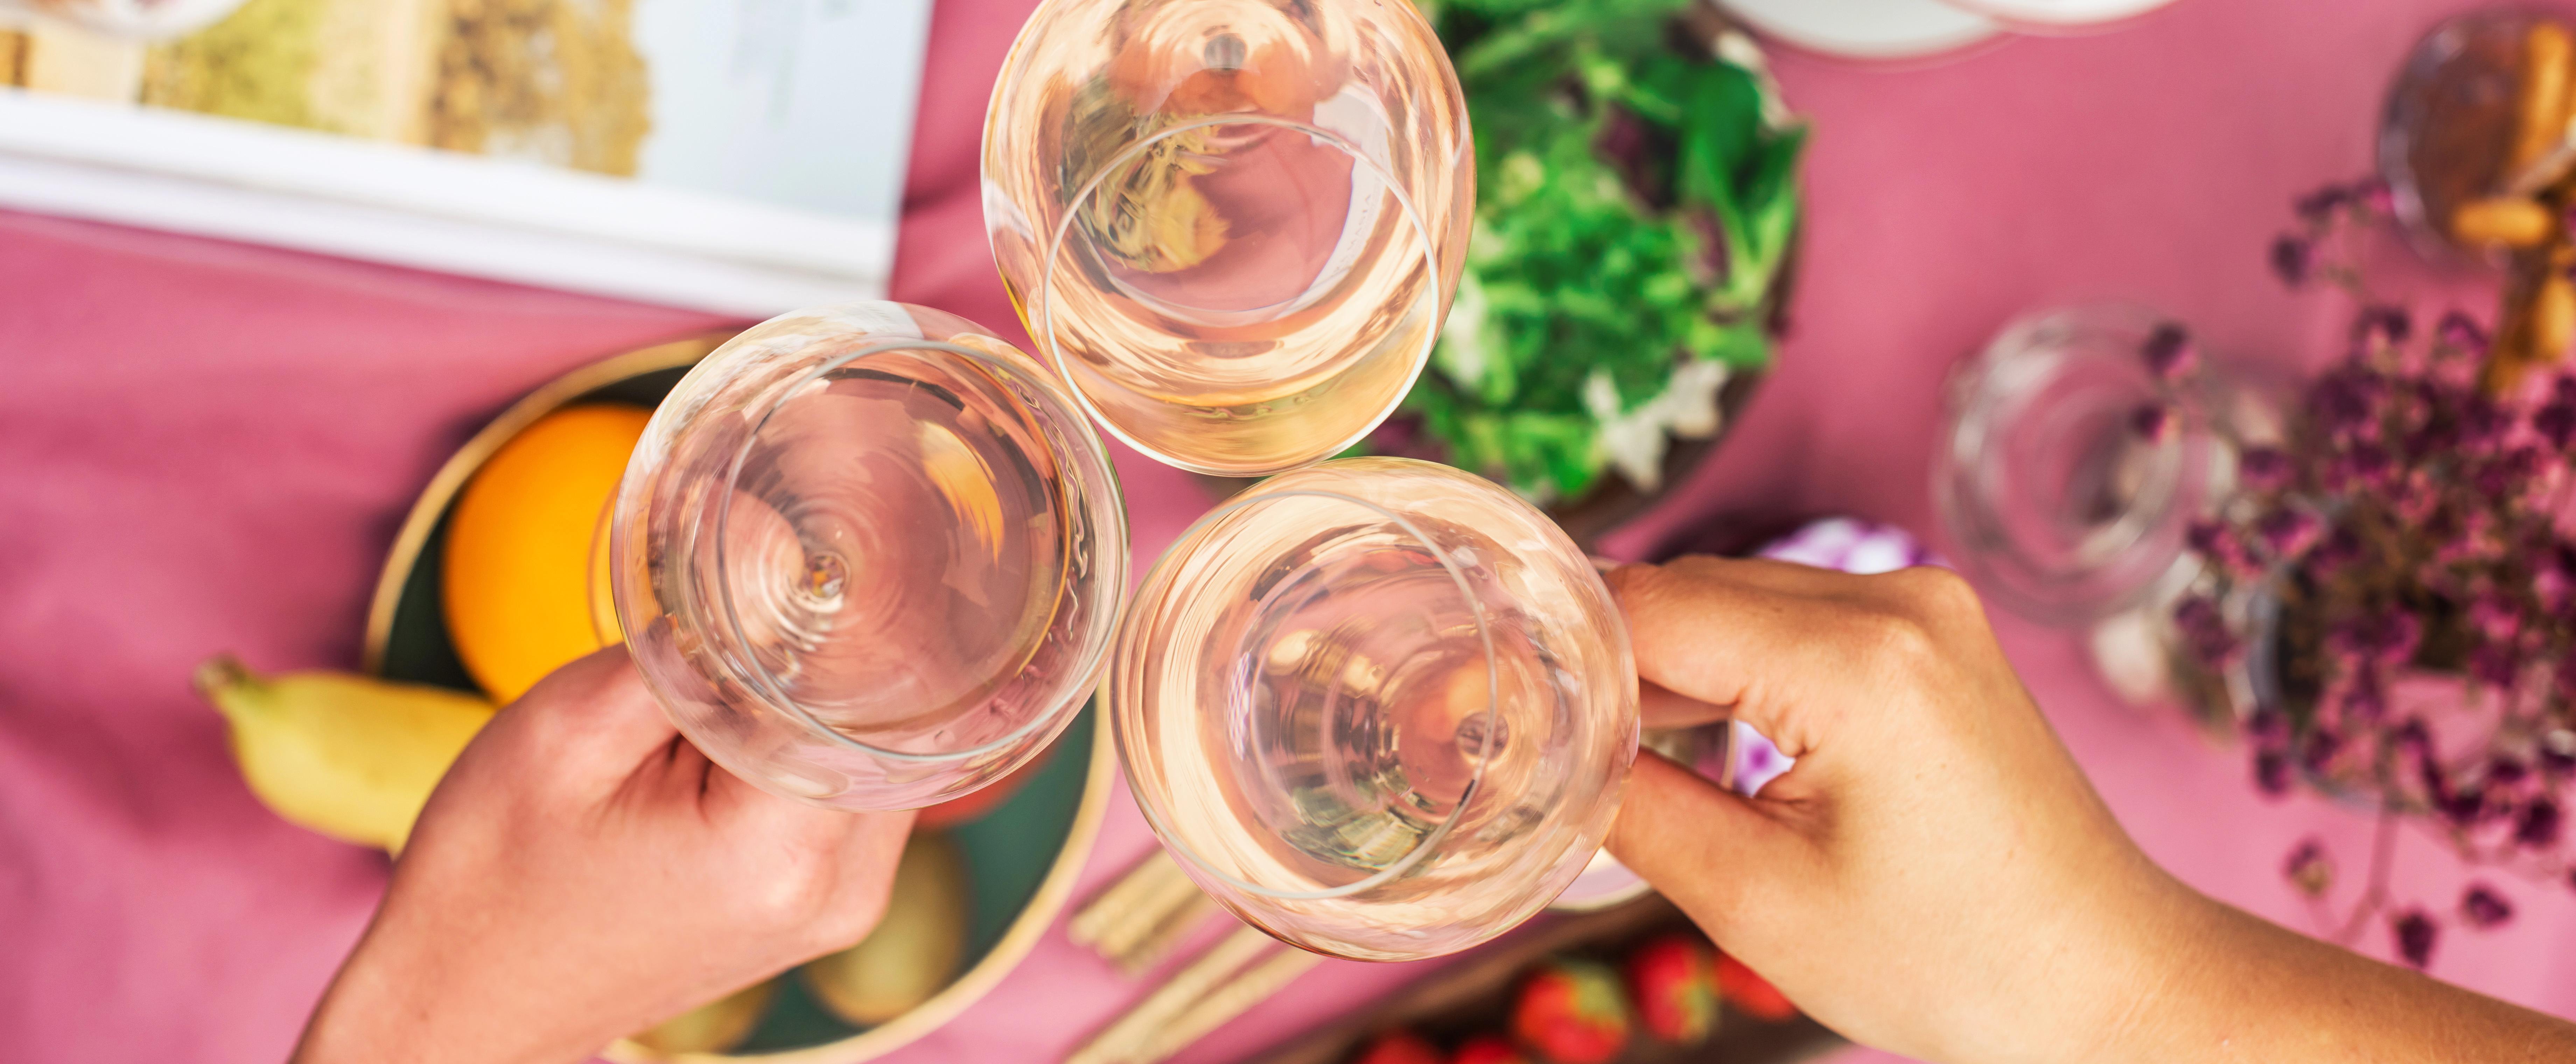 Dégustez l'été avec un vin de Bordeaux rafraîchissant !